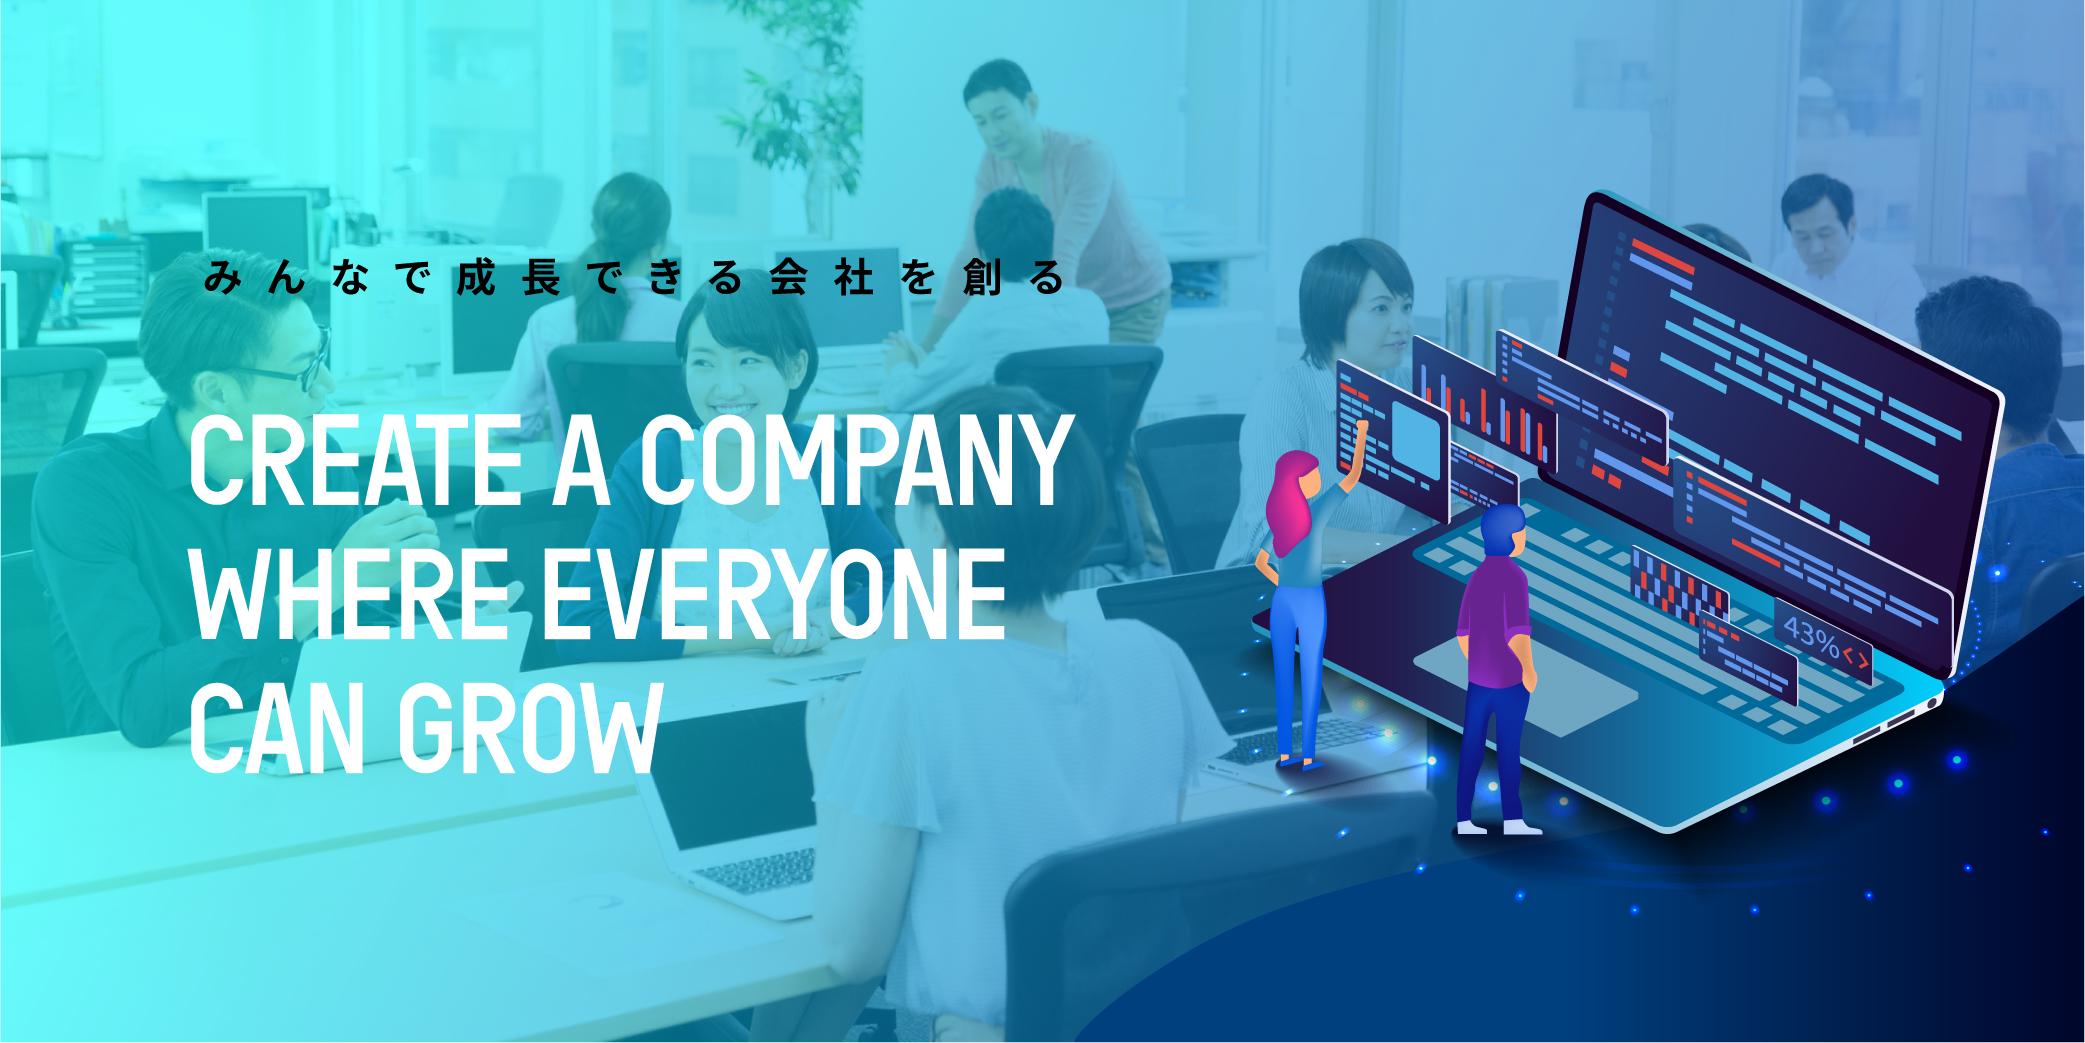 みんなで成長できる会社を創る